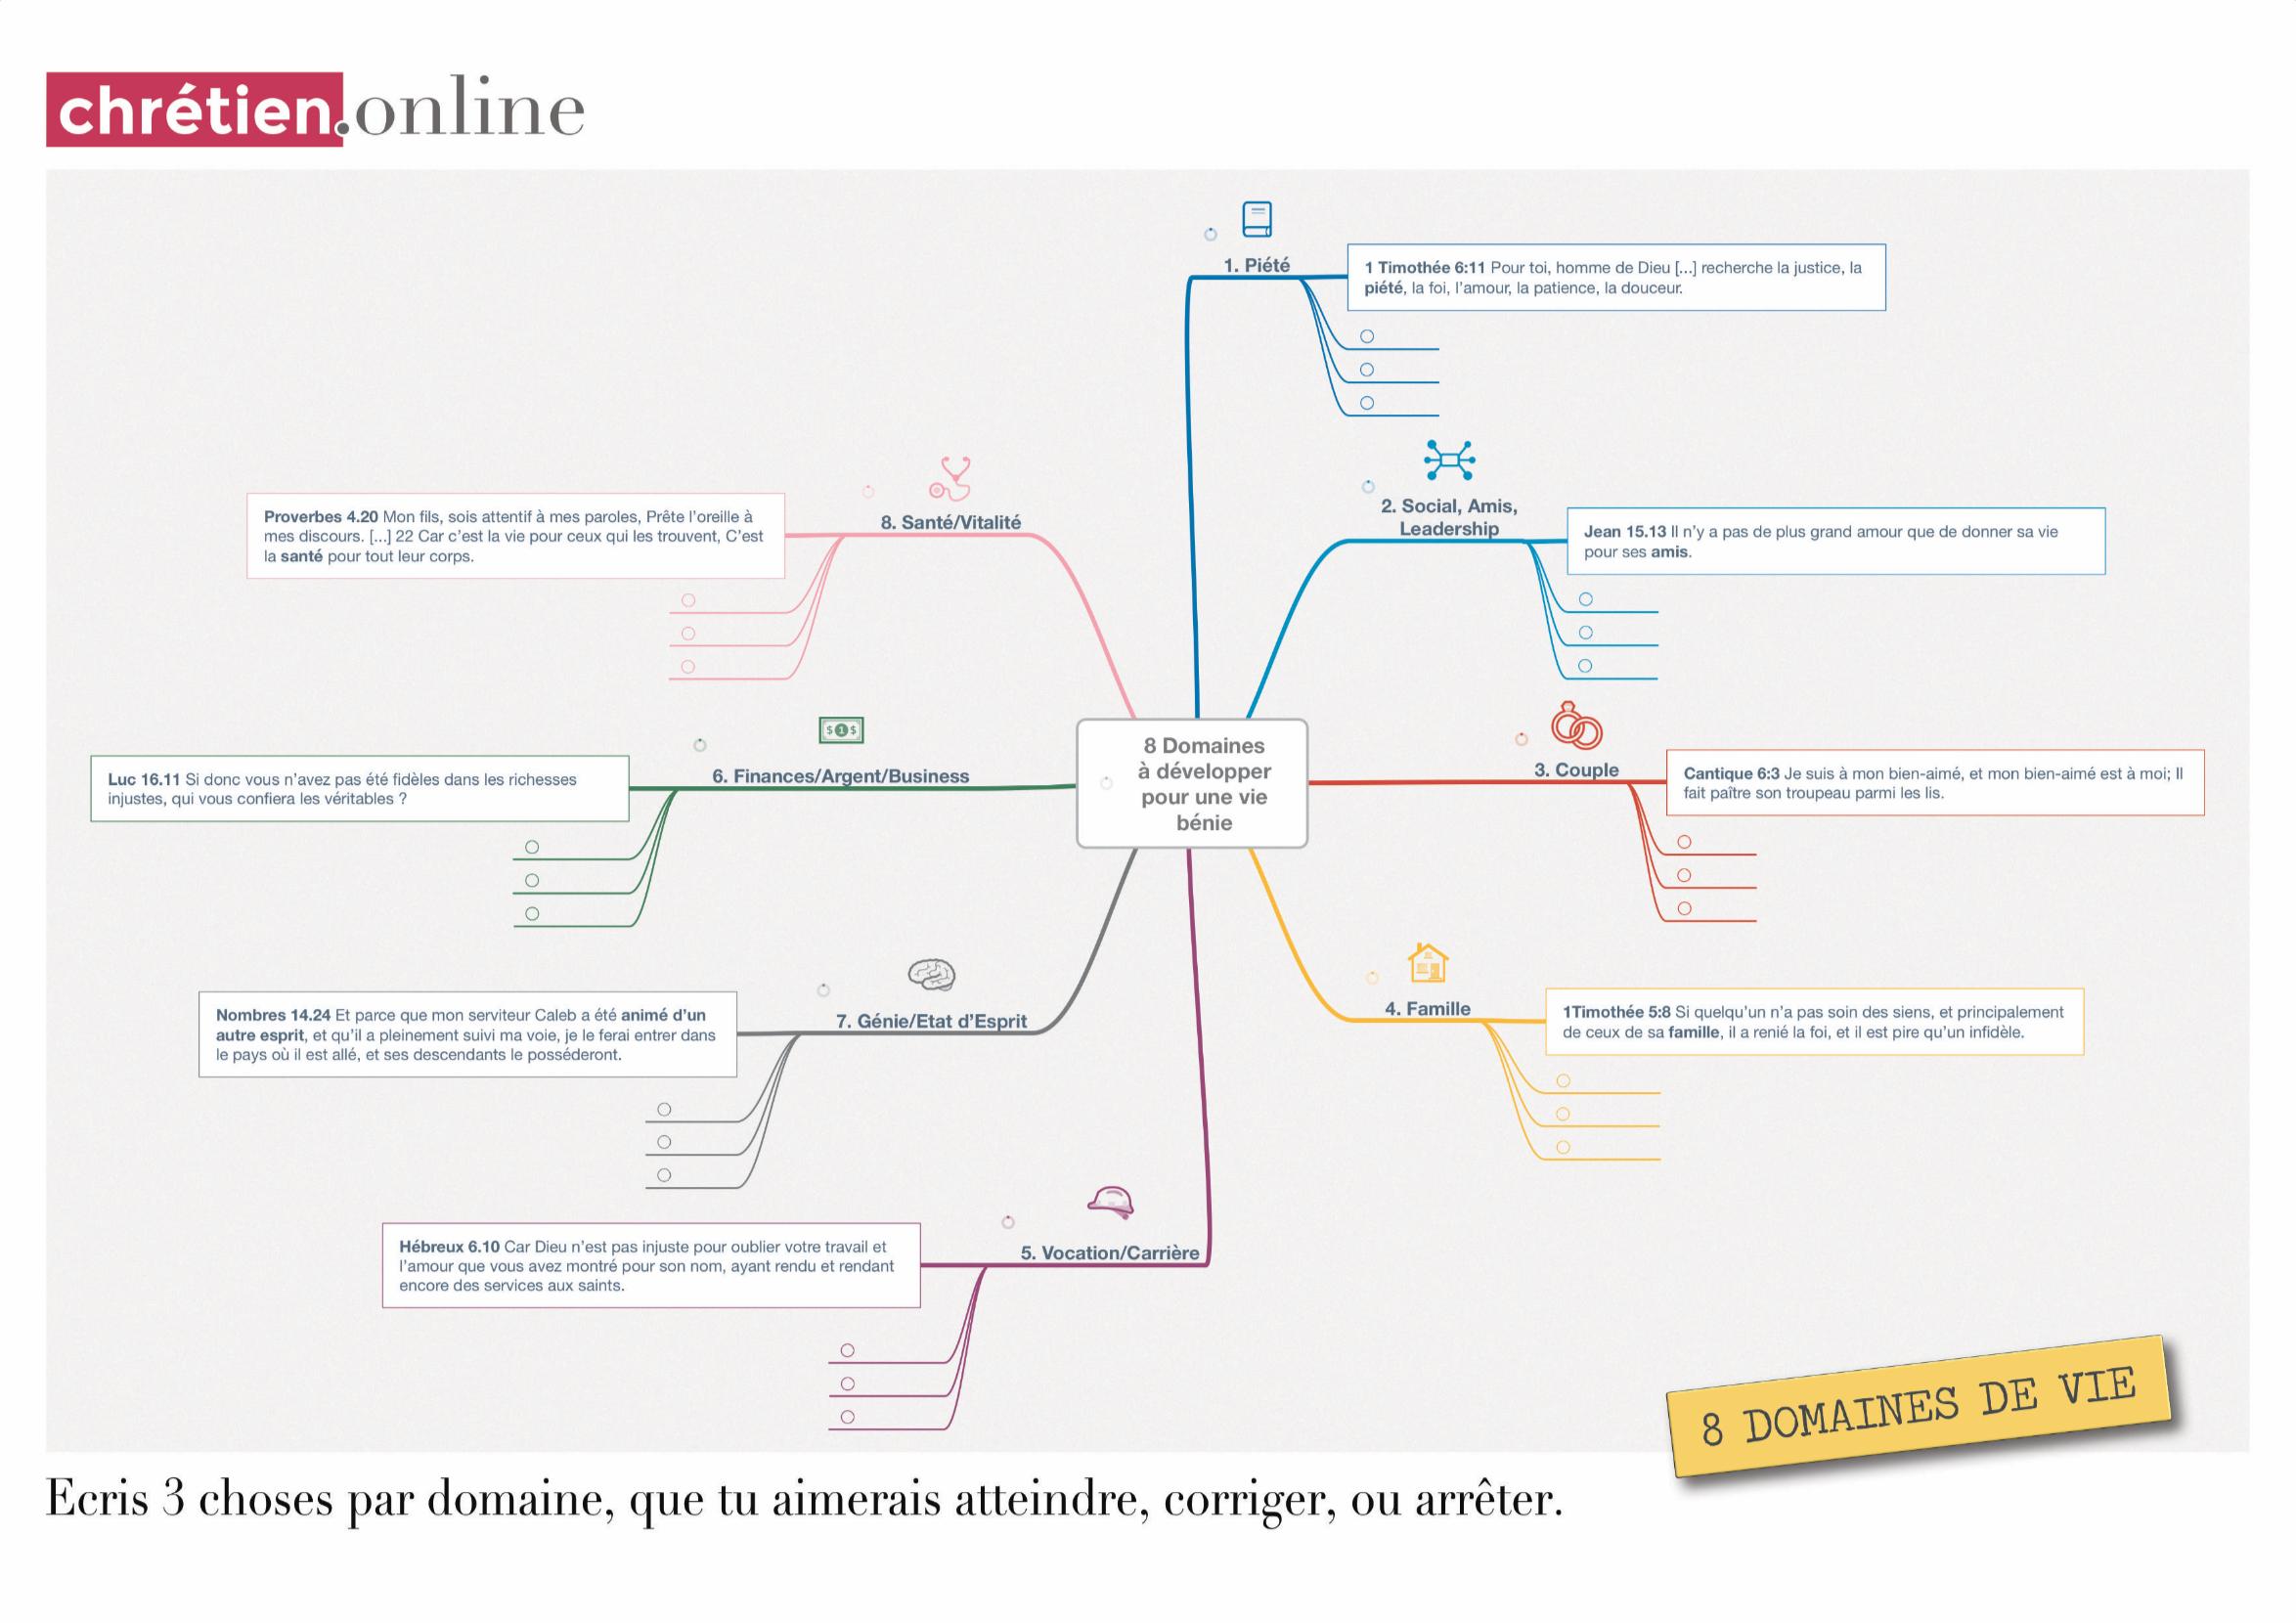 8 domaines de vie - Blog chrétien.online